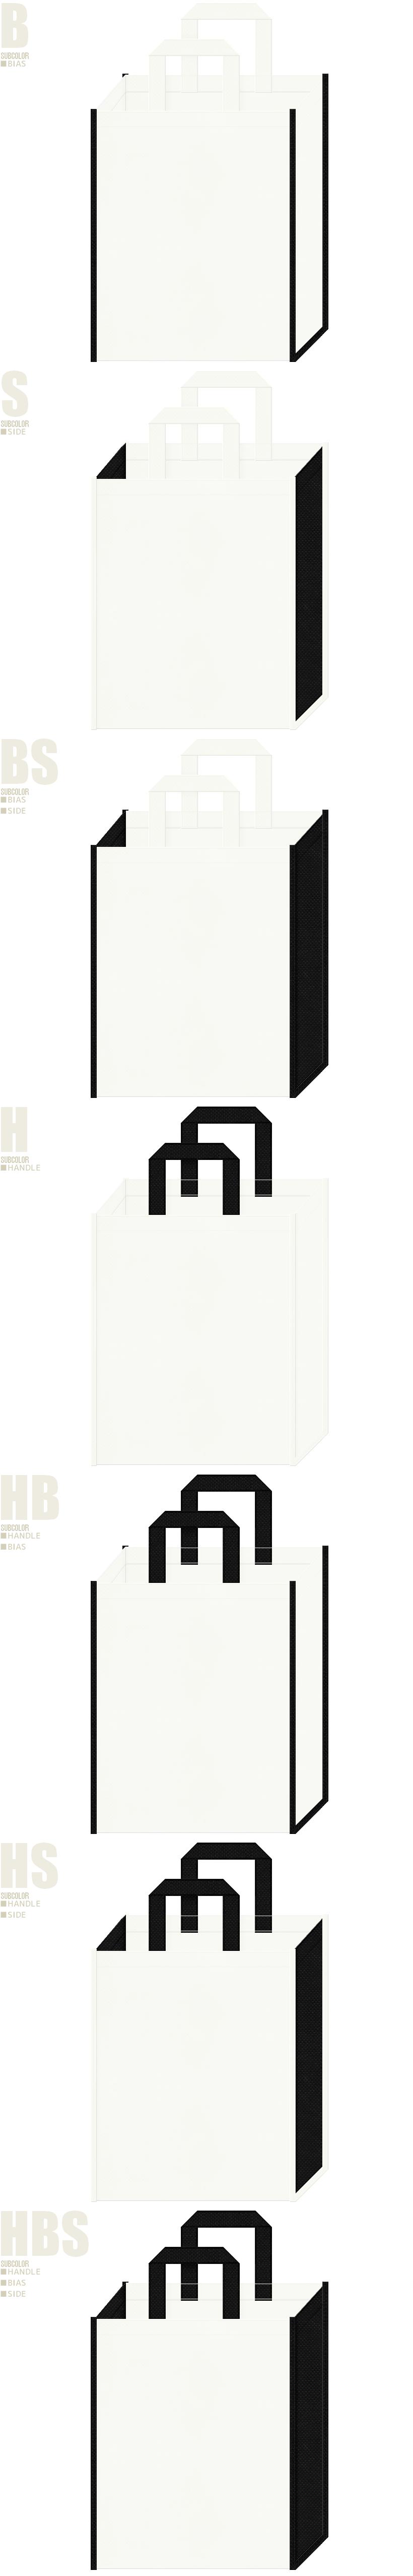 ゴスロリ・ドレス・ワンピース・コルセット・ヘアーサロン・ハロウィン・コスプレイベント・タイヤ・ホイール・カー用品の展示会用バッグにお奨めの不織布バッグデザイン:オフホワイト色と黒色の不織布バッグ配色7パターン